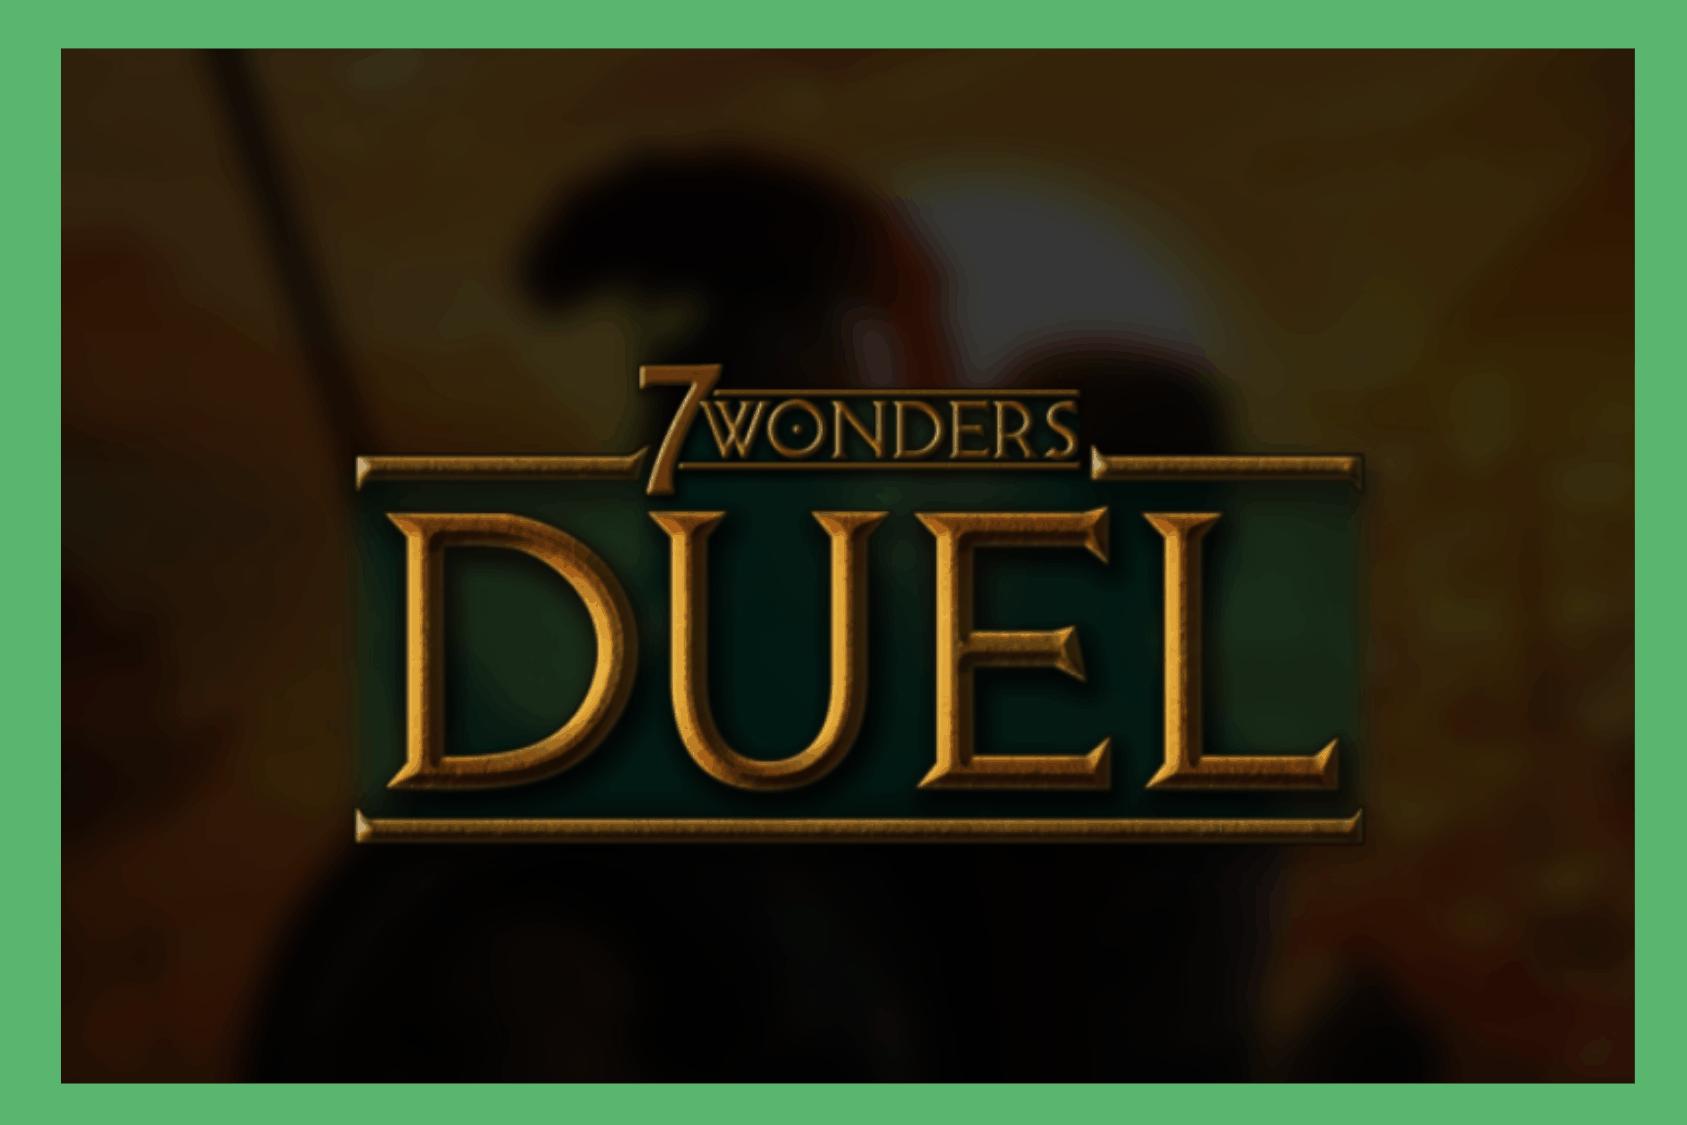 7 Wonders Duel App Review